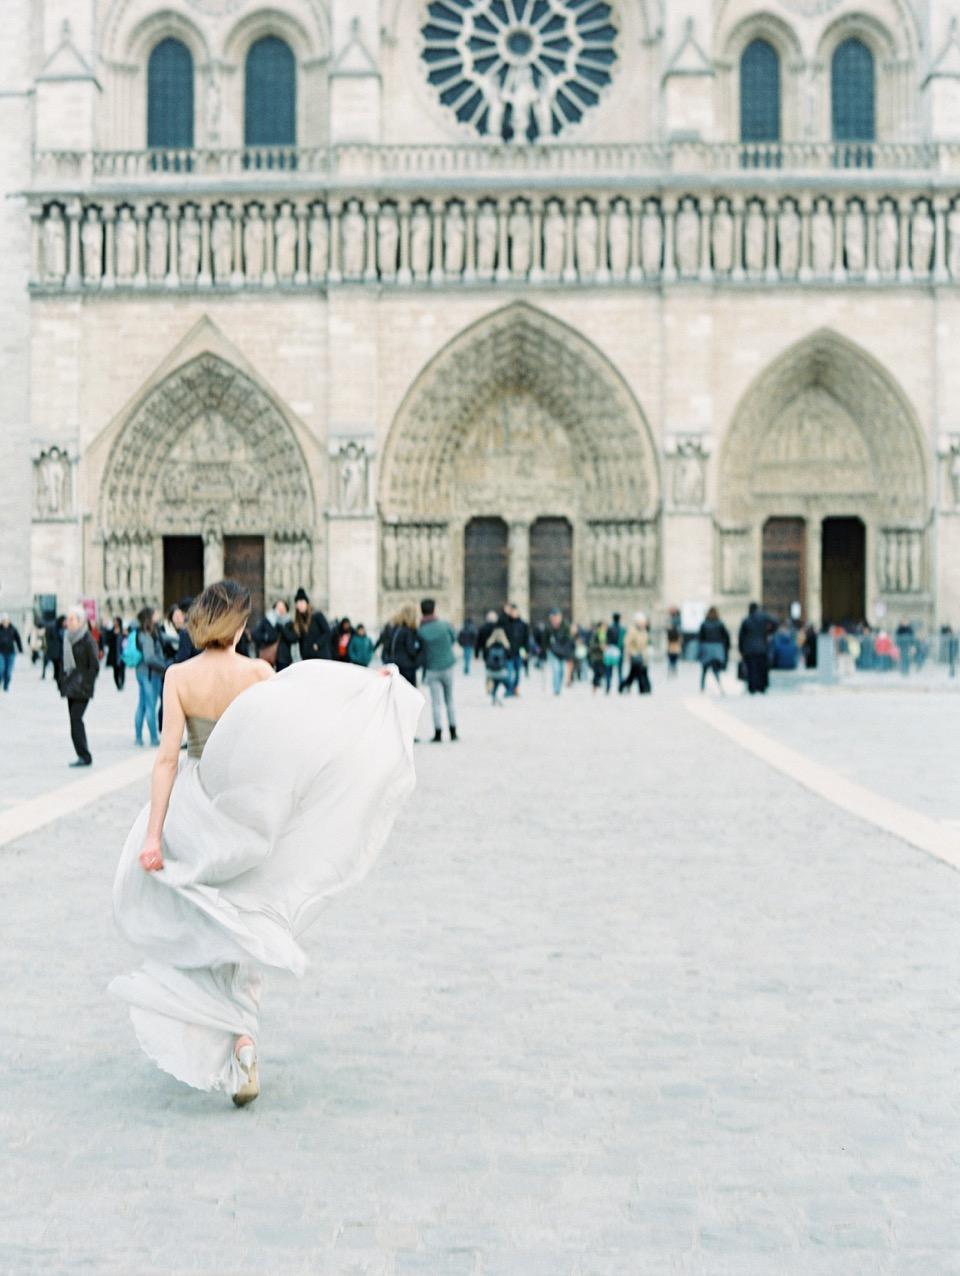 floresie_x_darcy_benincosa_notre_dame_paris-5.jpg